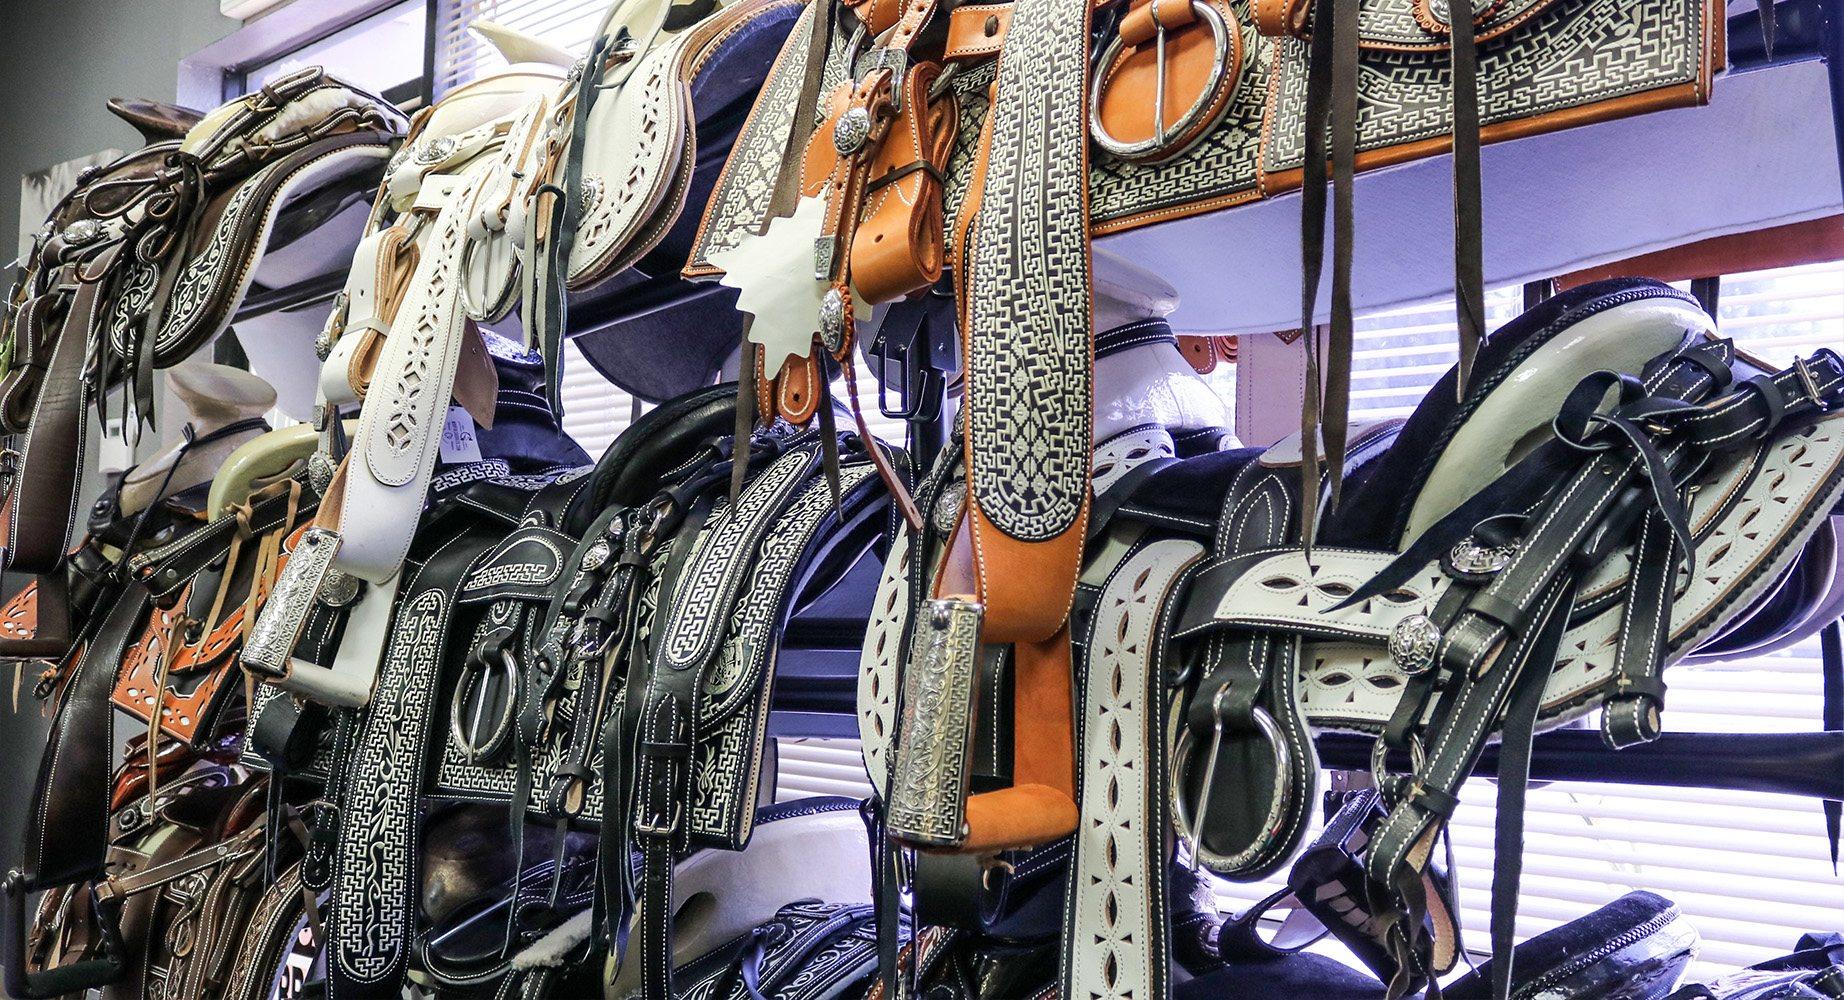 Charro Saddles & Tack